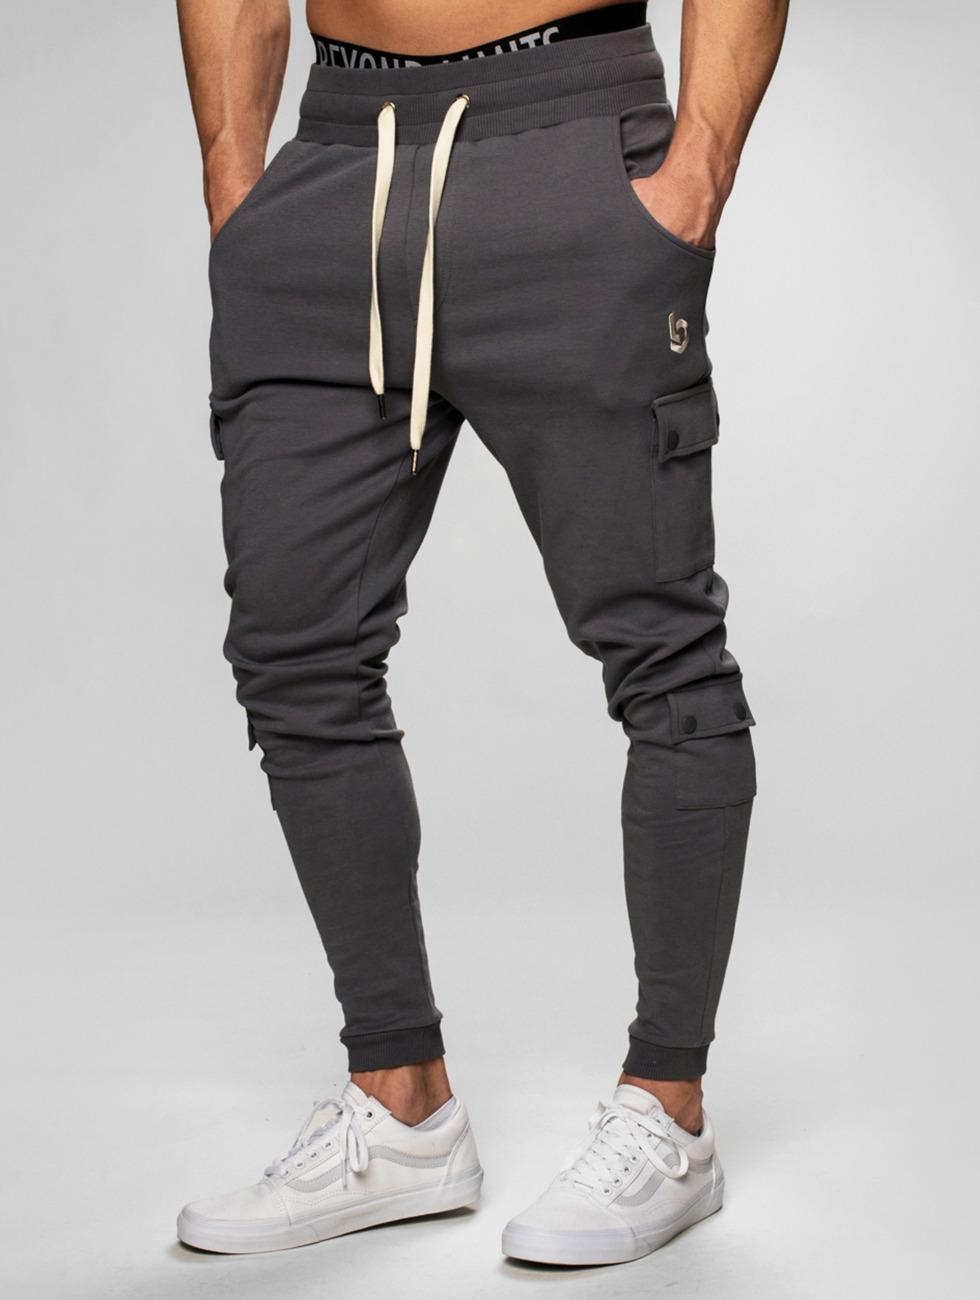 Beyond Limits Jogging kalhoty Cargo šedá